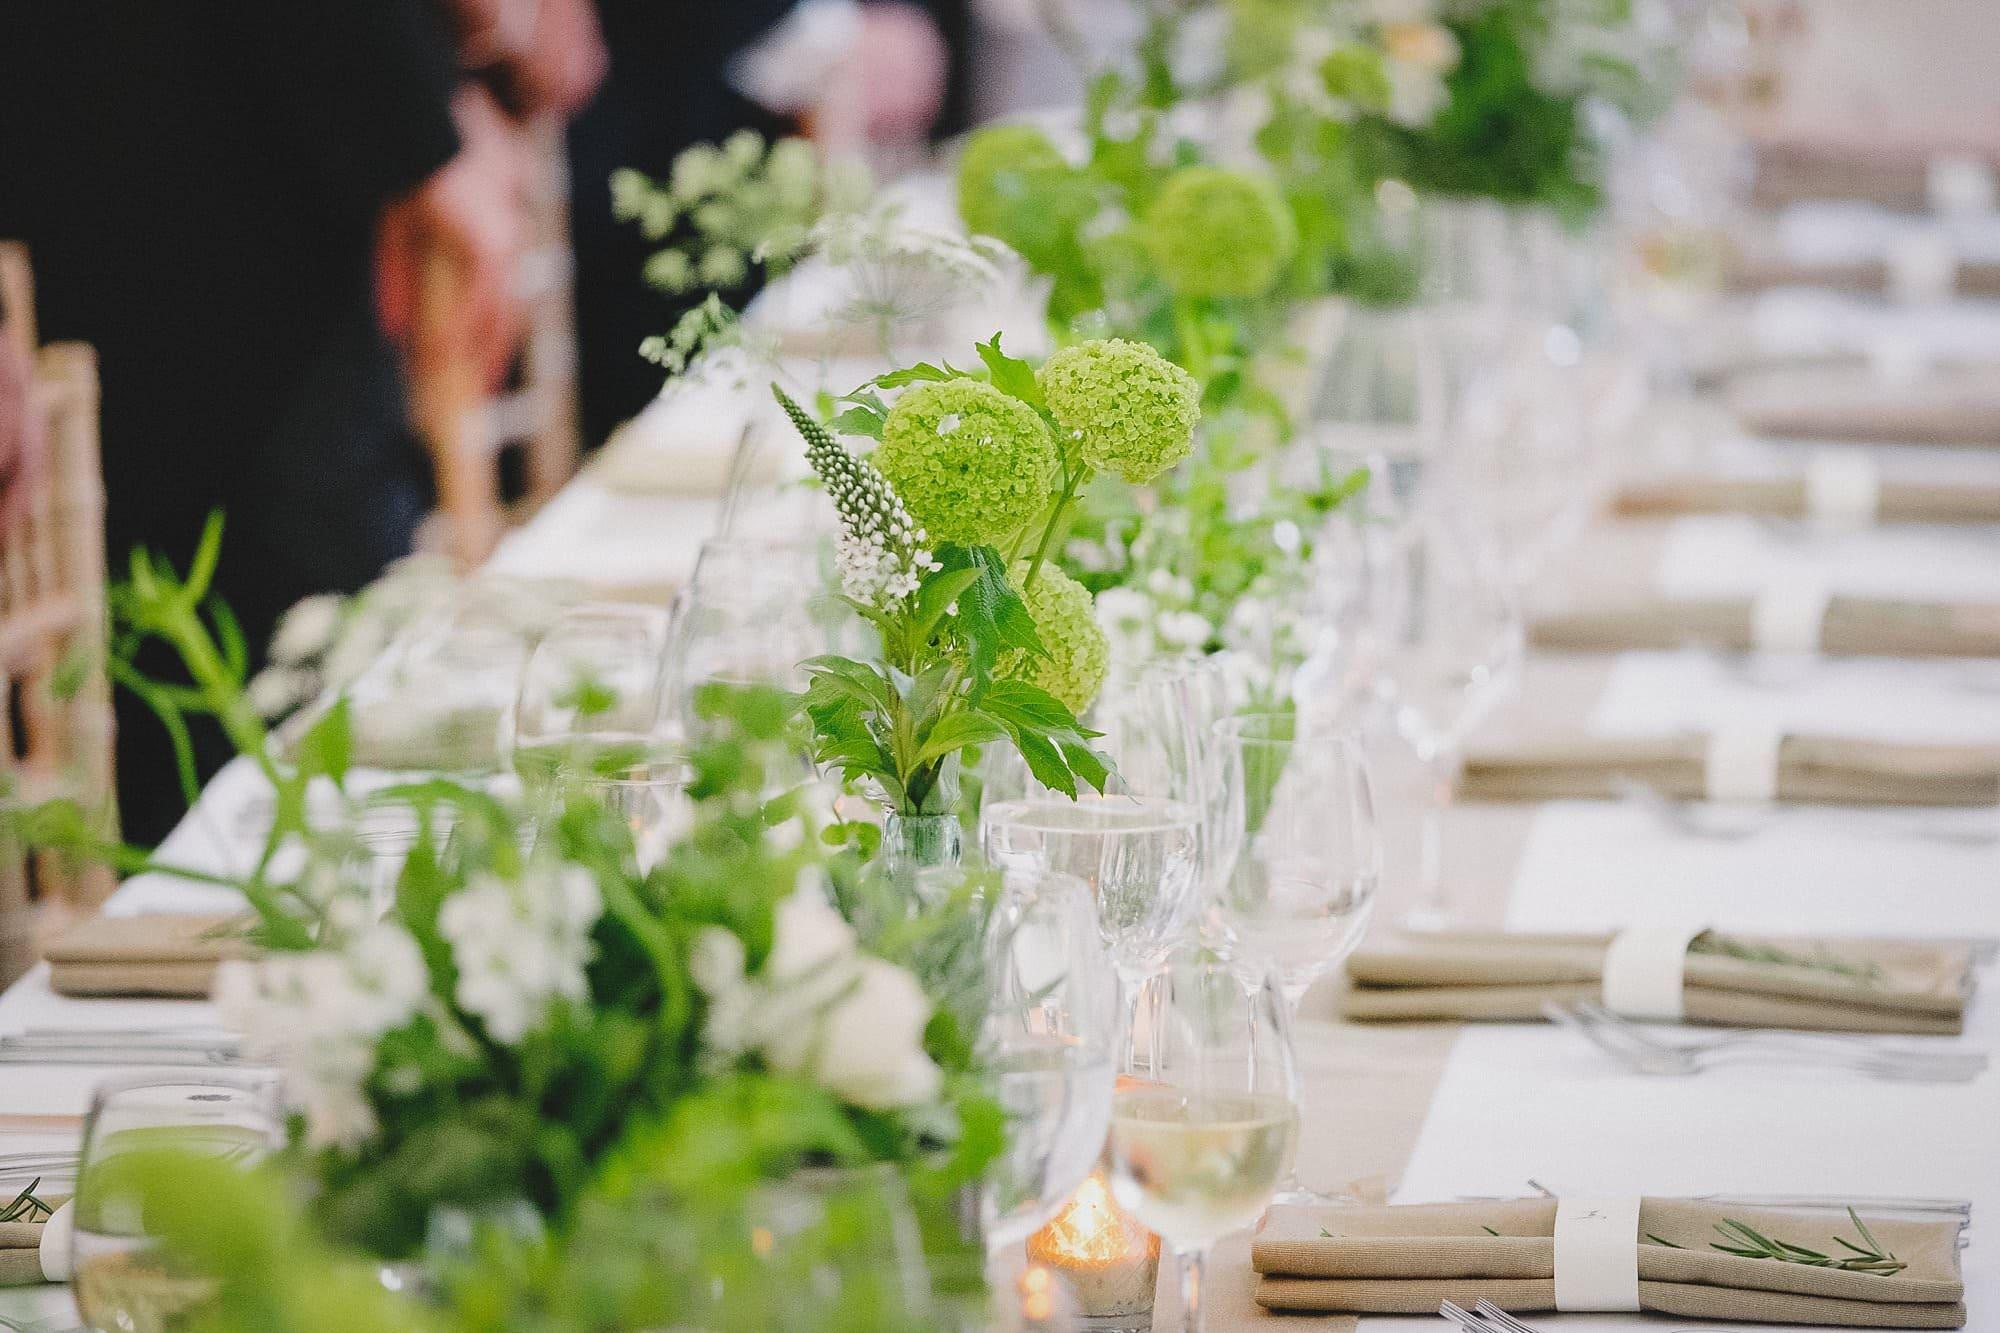 fulham palace wedding photographer 061 - Rosanna + Duncan | Fulham